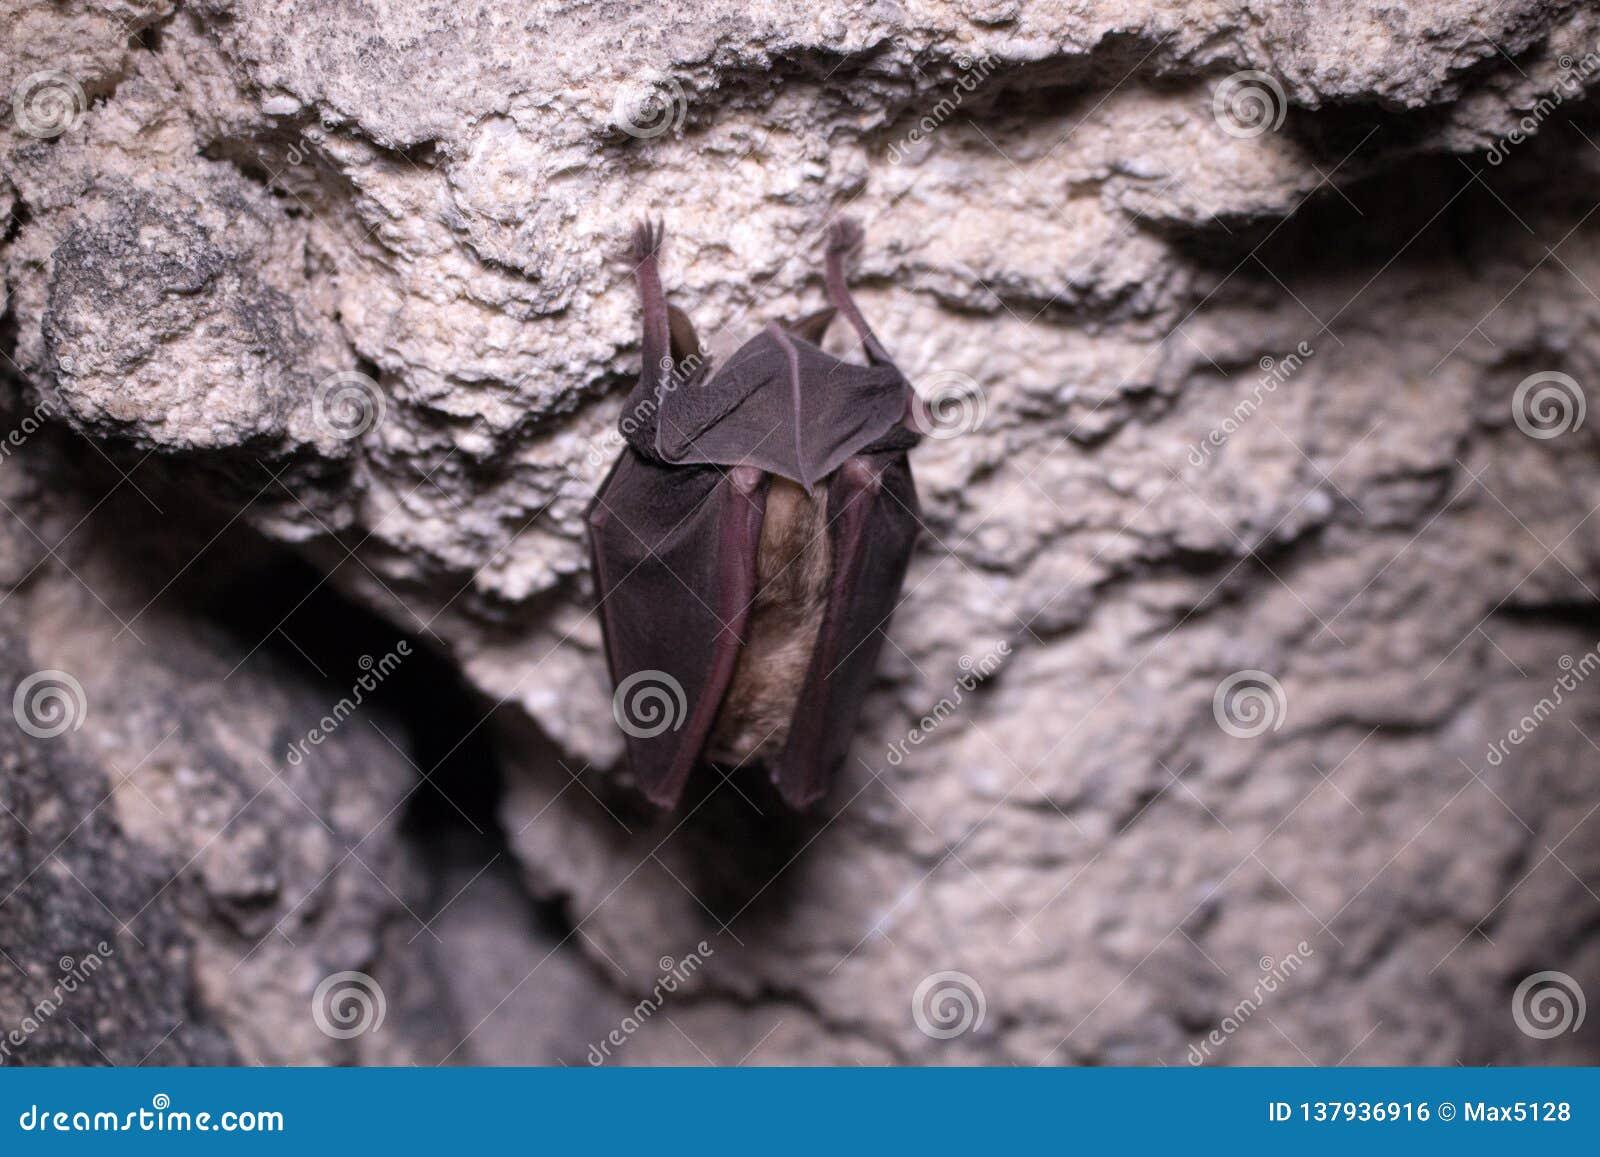 Летучие мыши спят в подземелье Подков-обнюханная летучая мышь